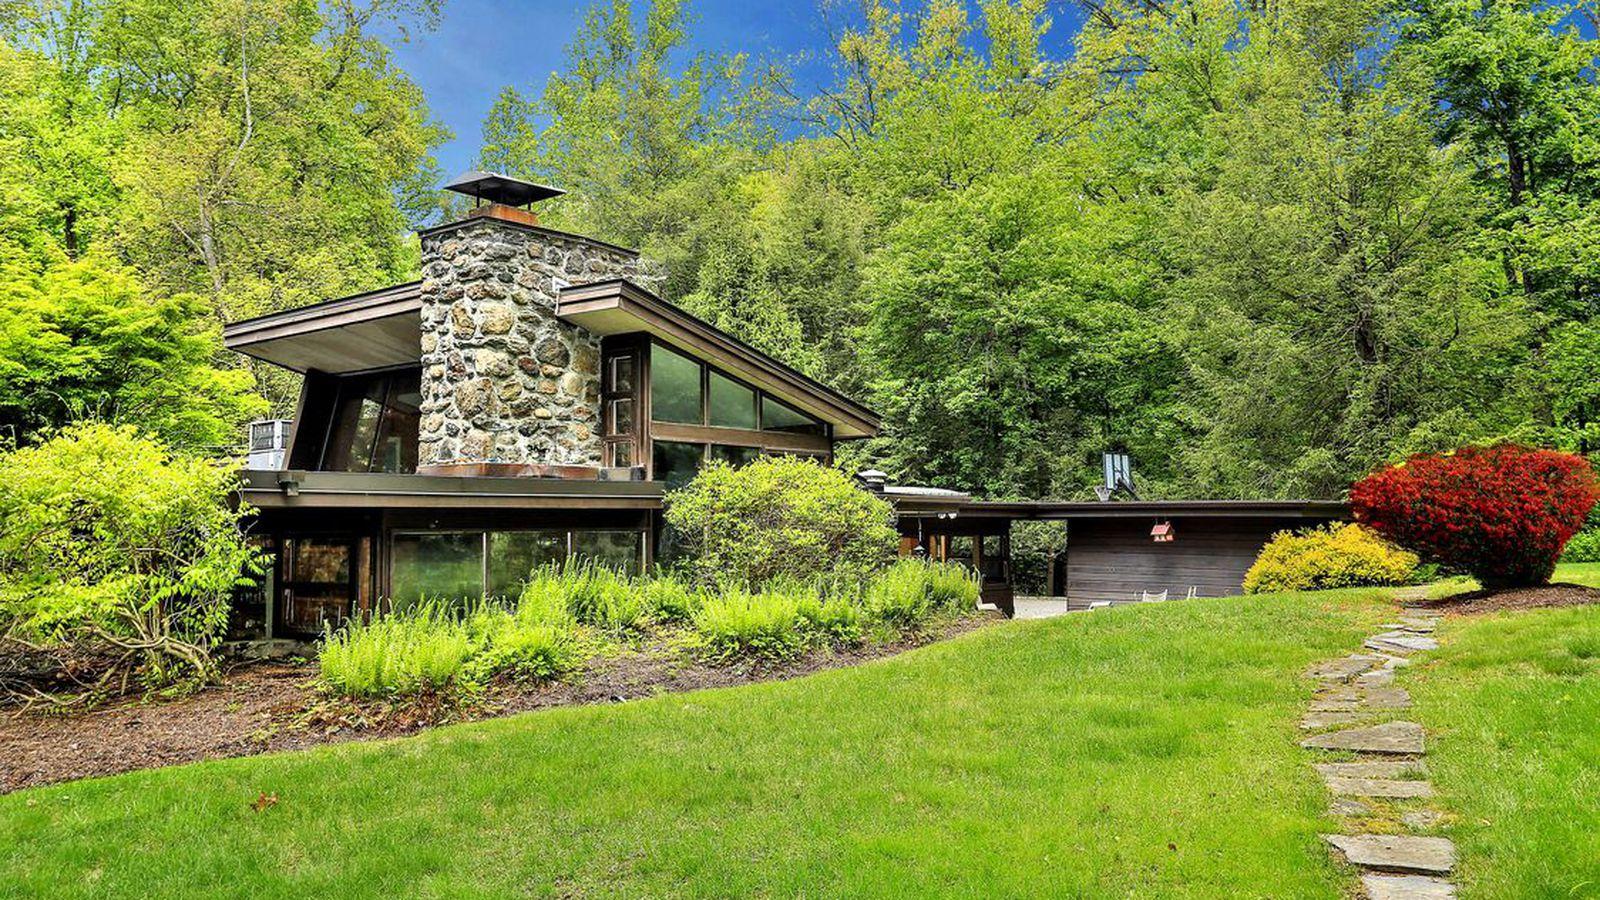 3 frank lloyd wright usonia community homes you can buy - Frank lloyd wright homes for sale ...